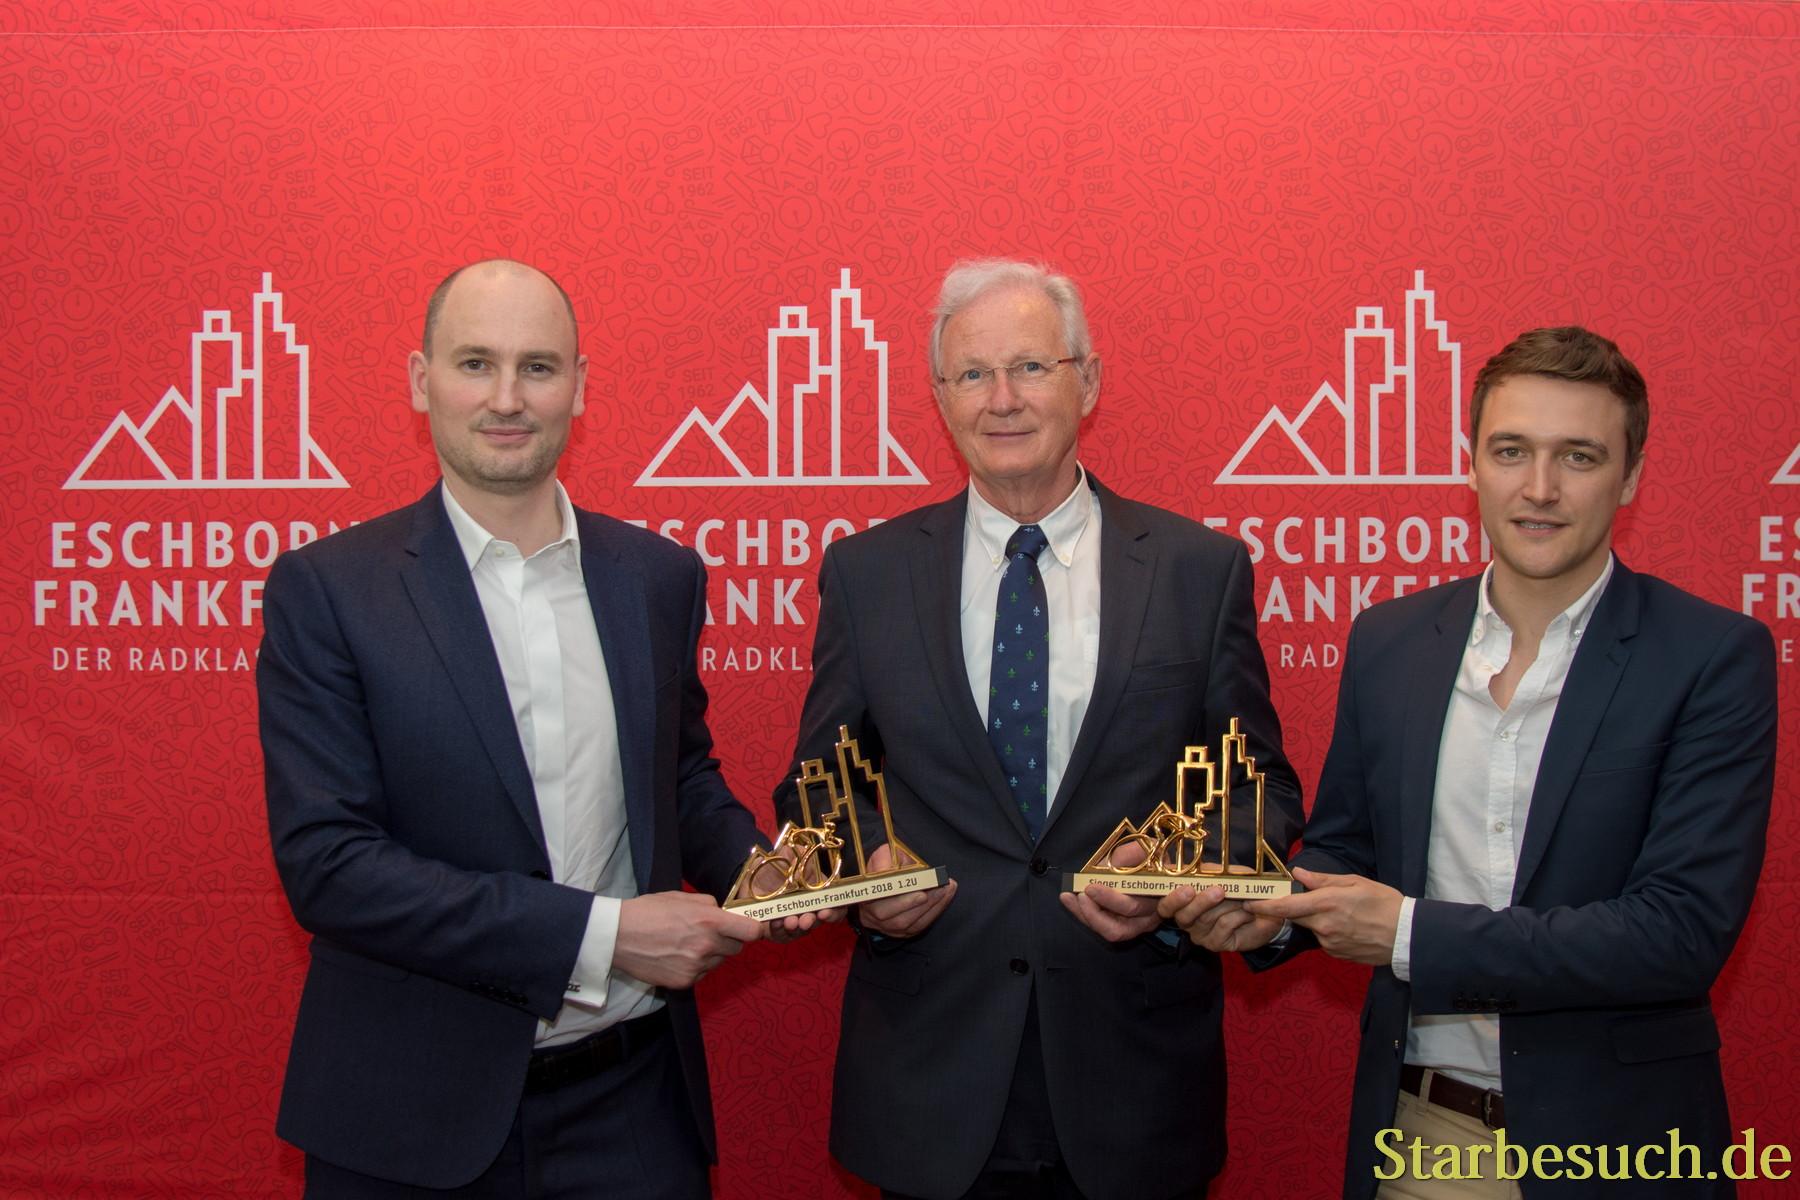 (L-R) Jean-Étienne Amaury, Matthias Geiger (Bürgermeister von Eschborn), Claude Rach